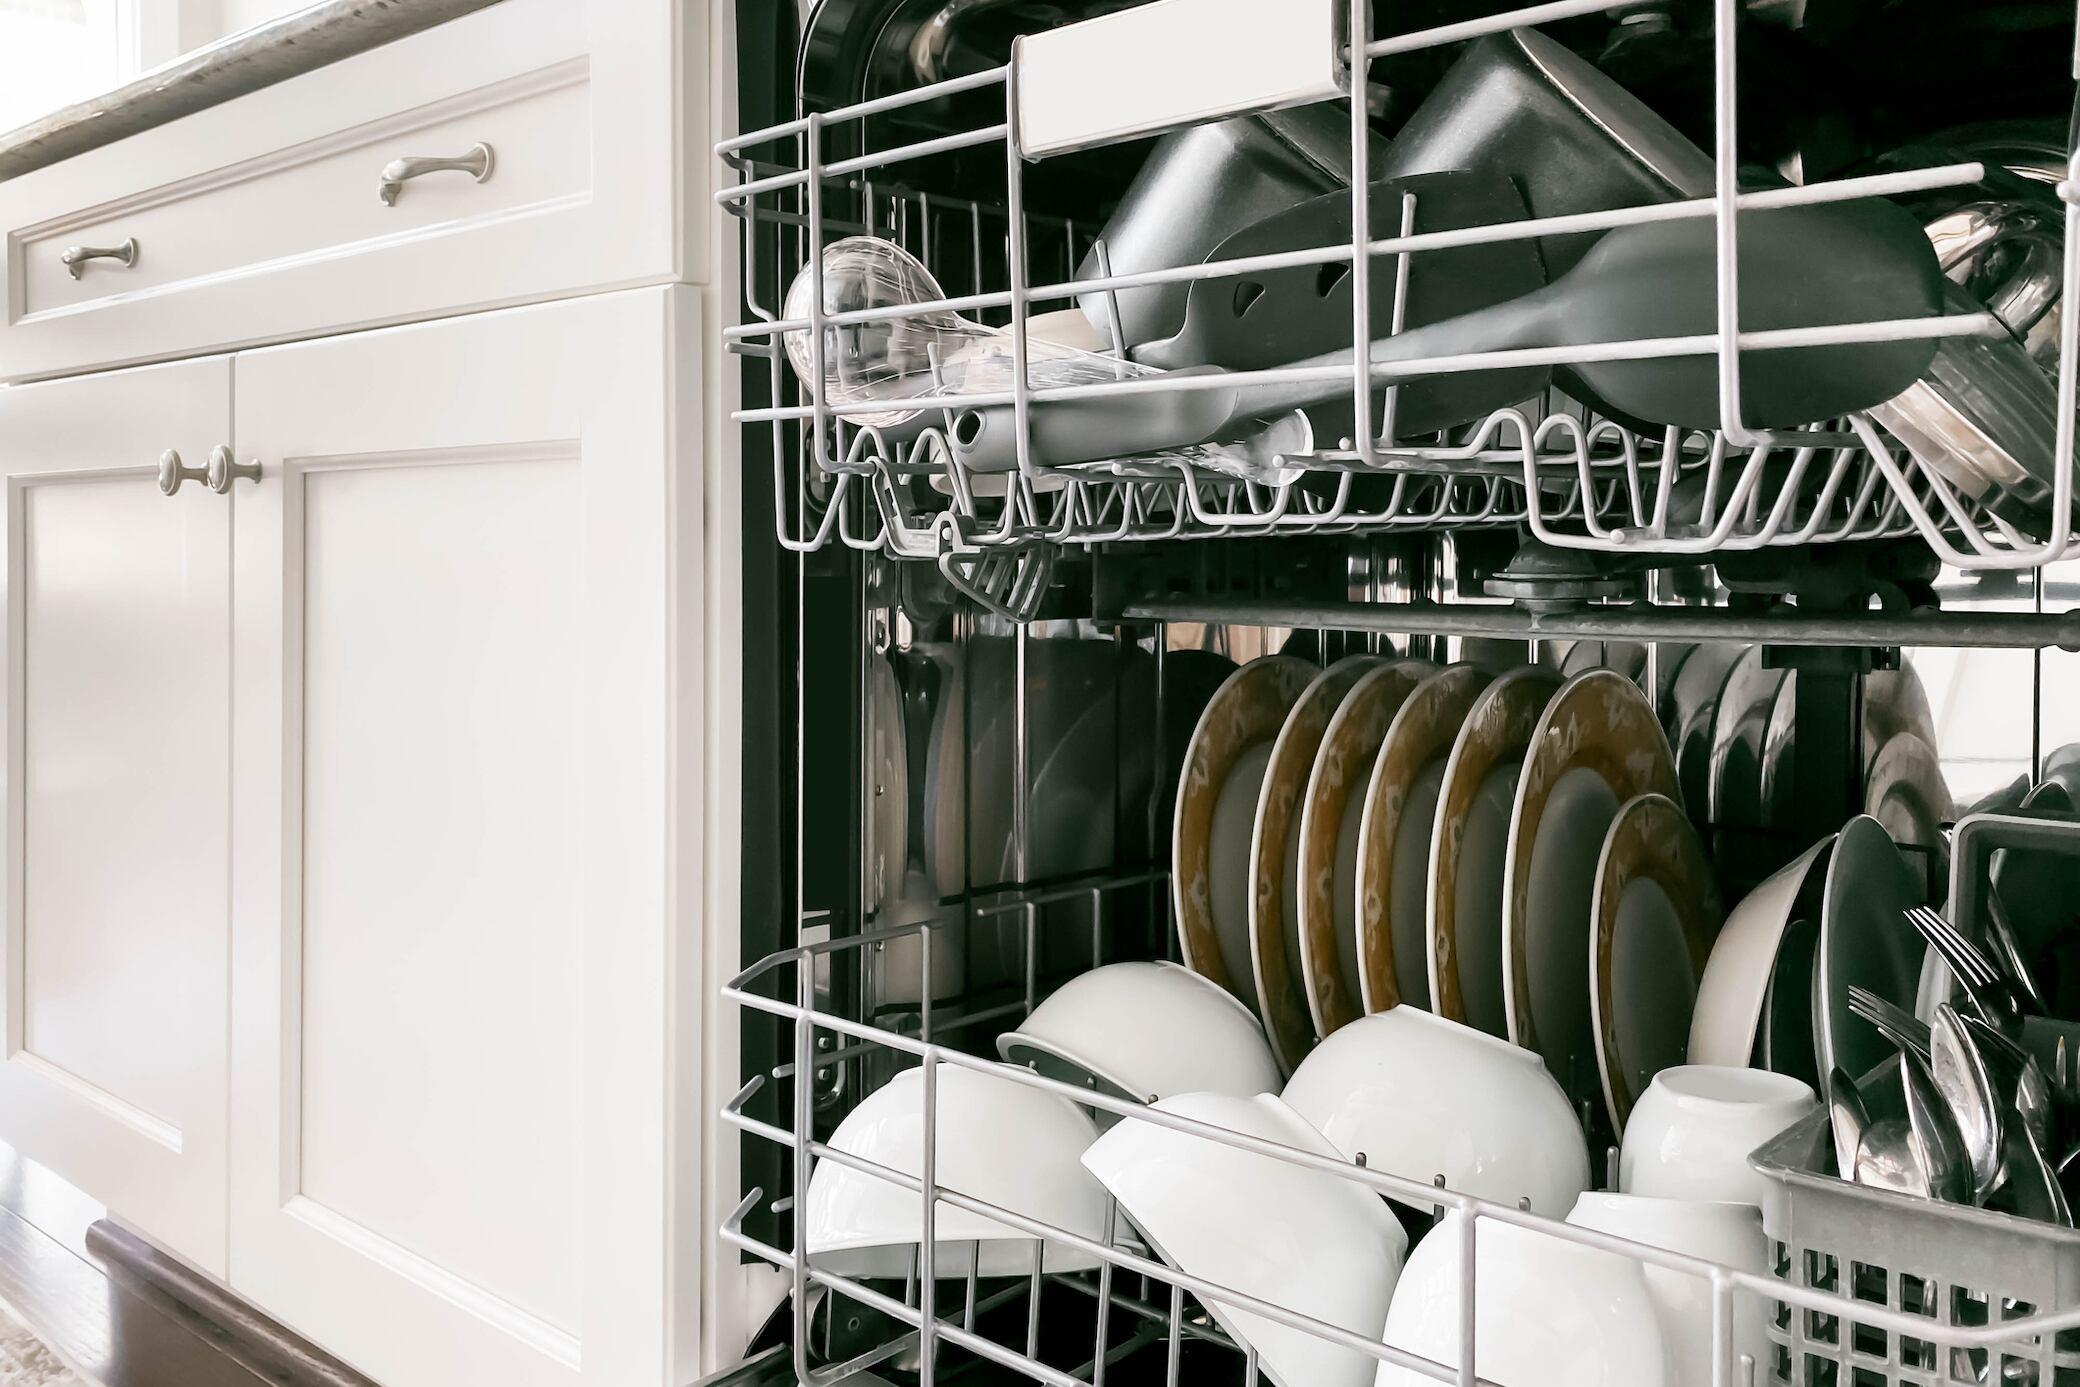 Wie viel Essensreste verträgt eine Spülmaschine?